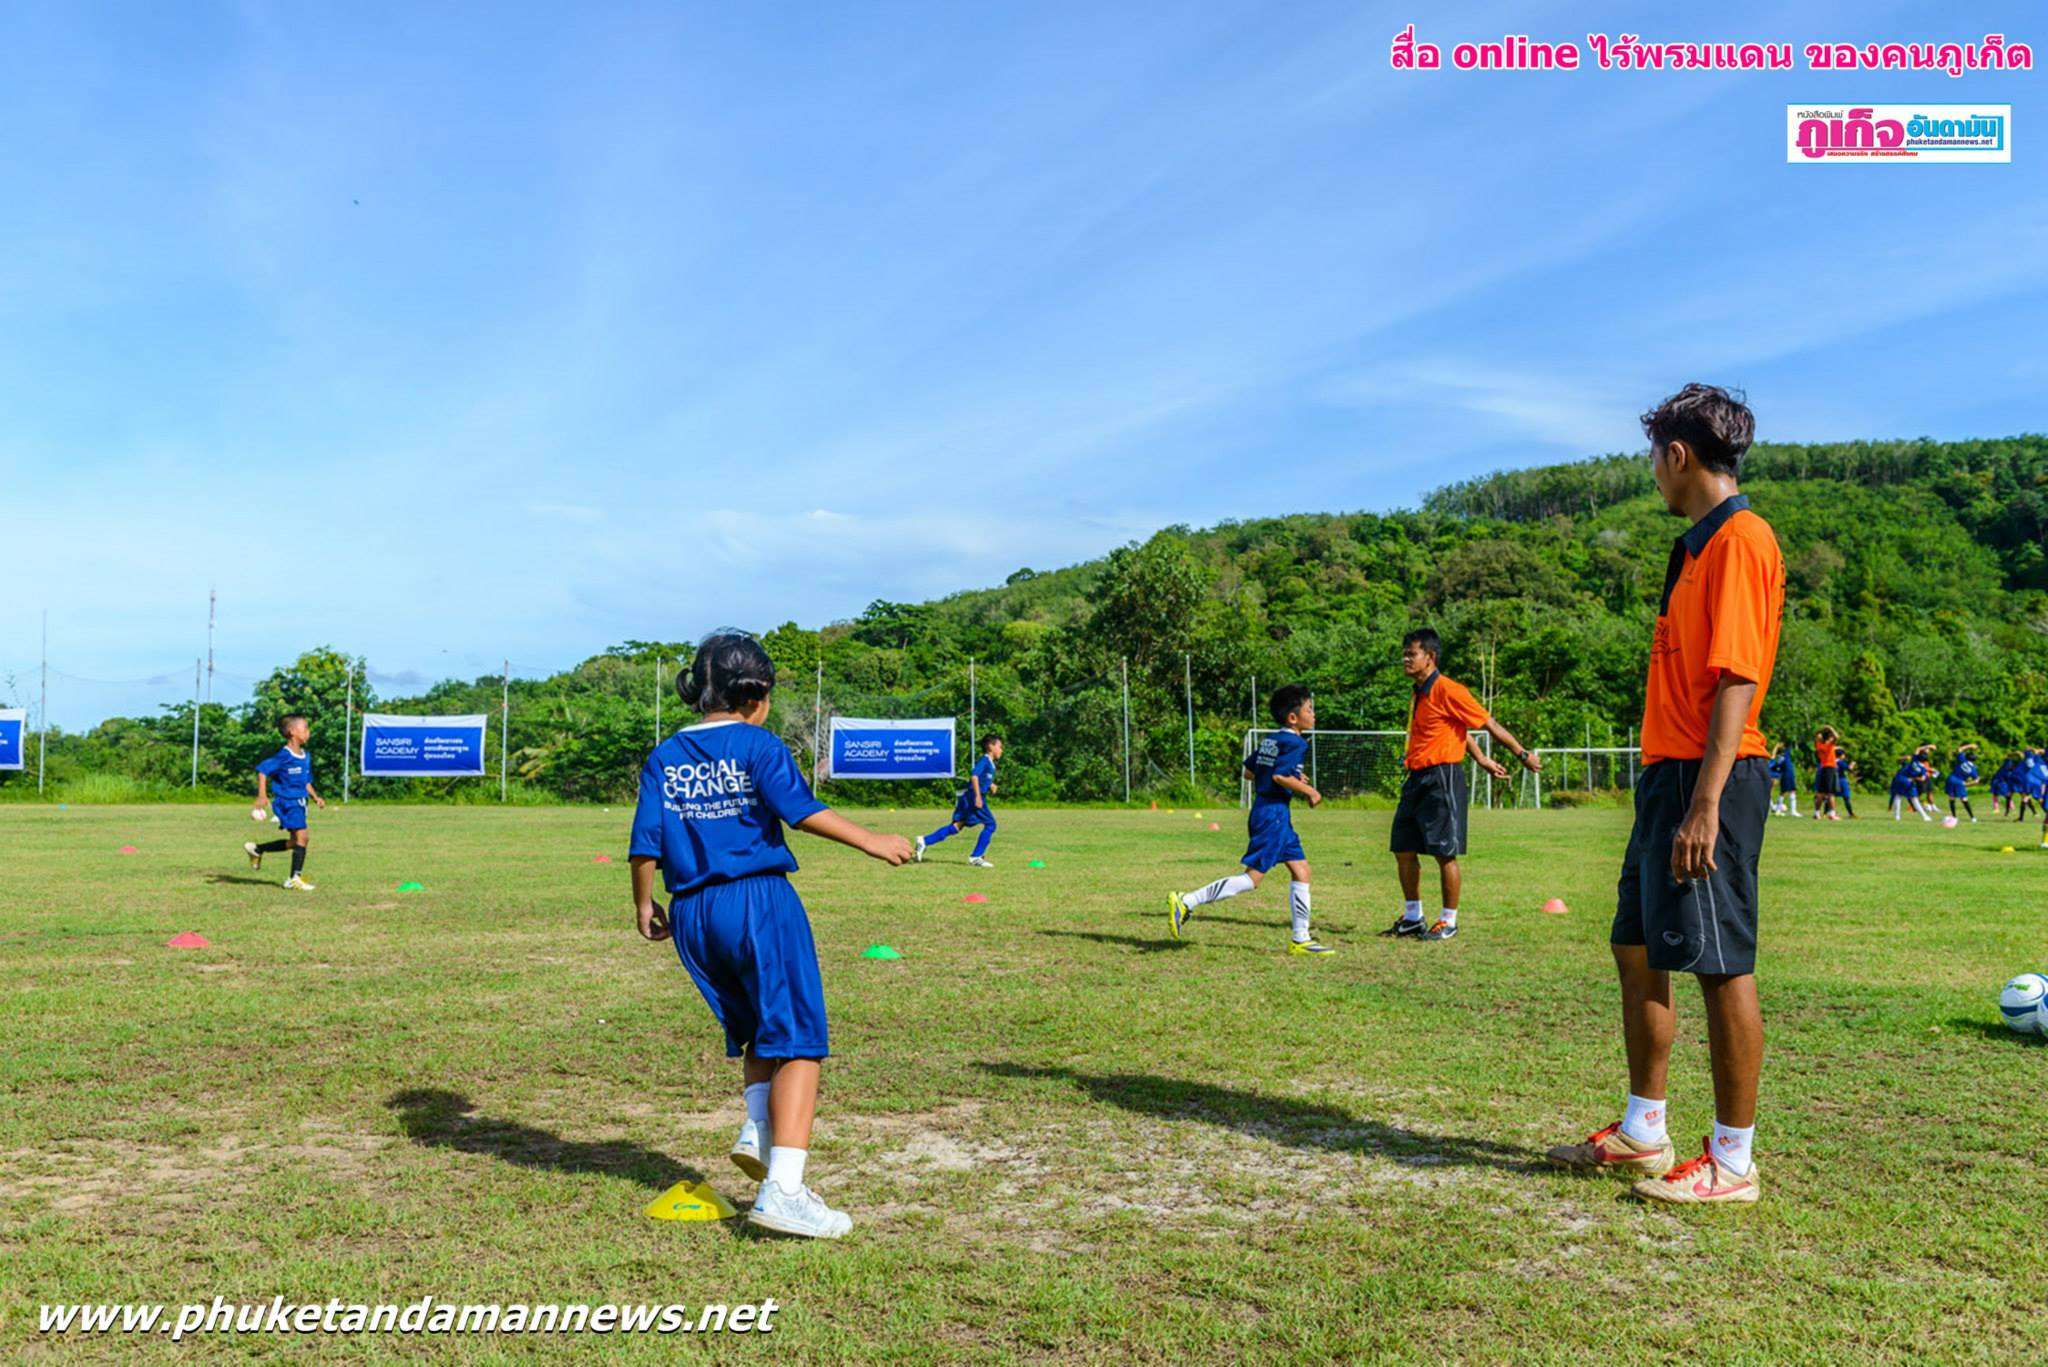 สนามฟุตบอลแสนสิริ อะคาเดมี่ ภูเก็ต #1